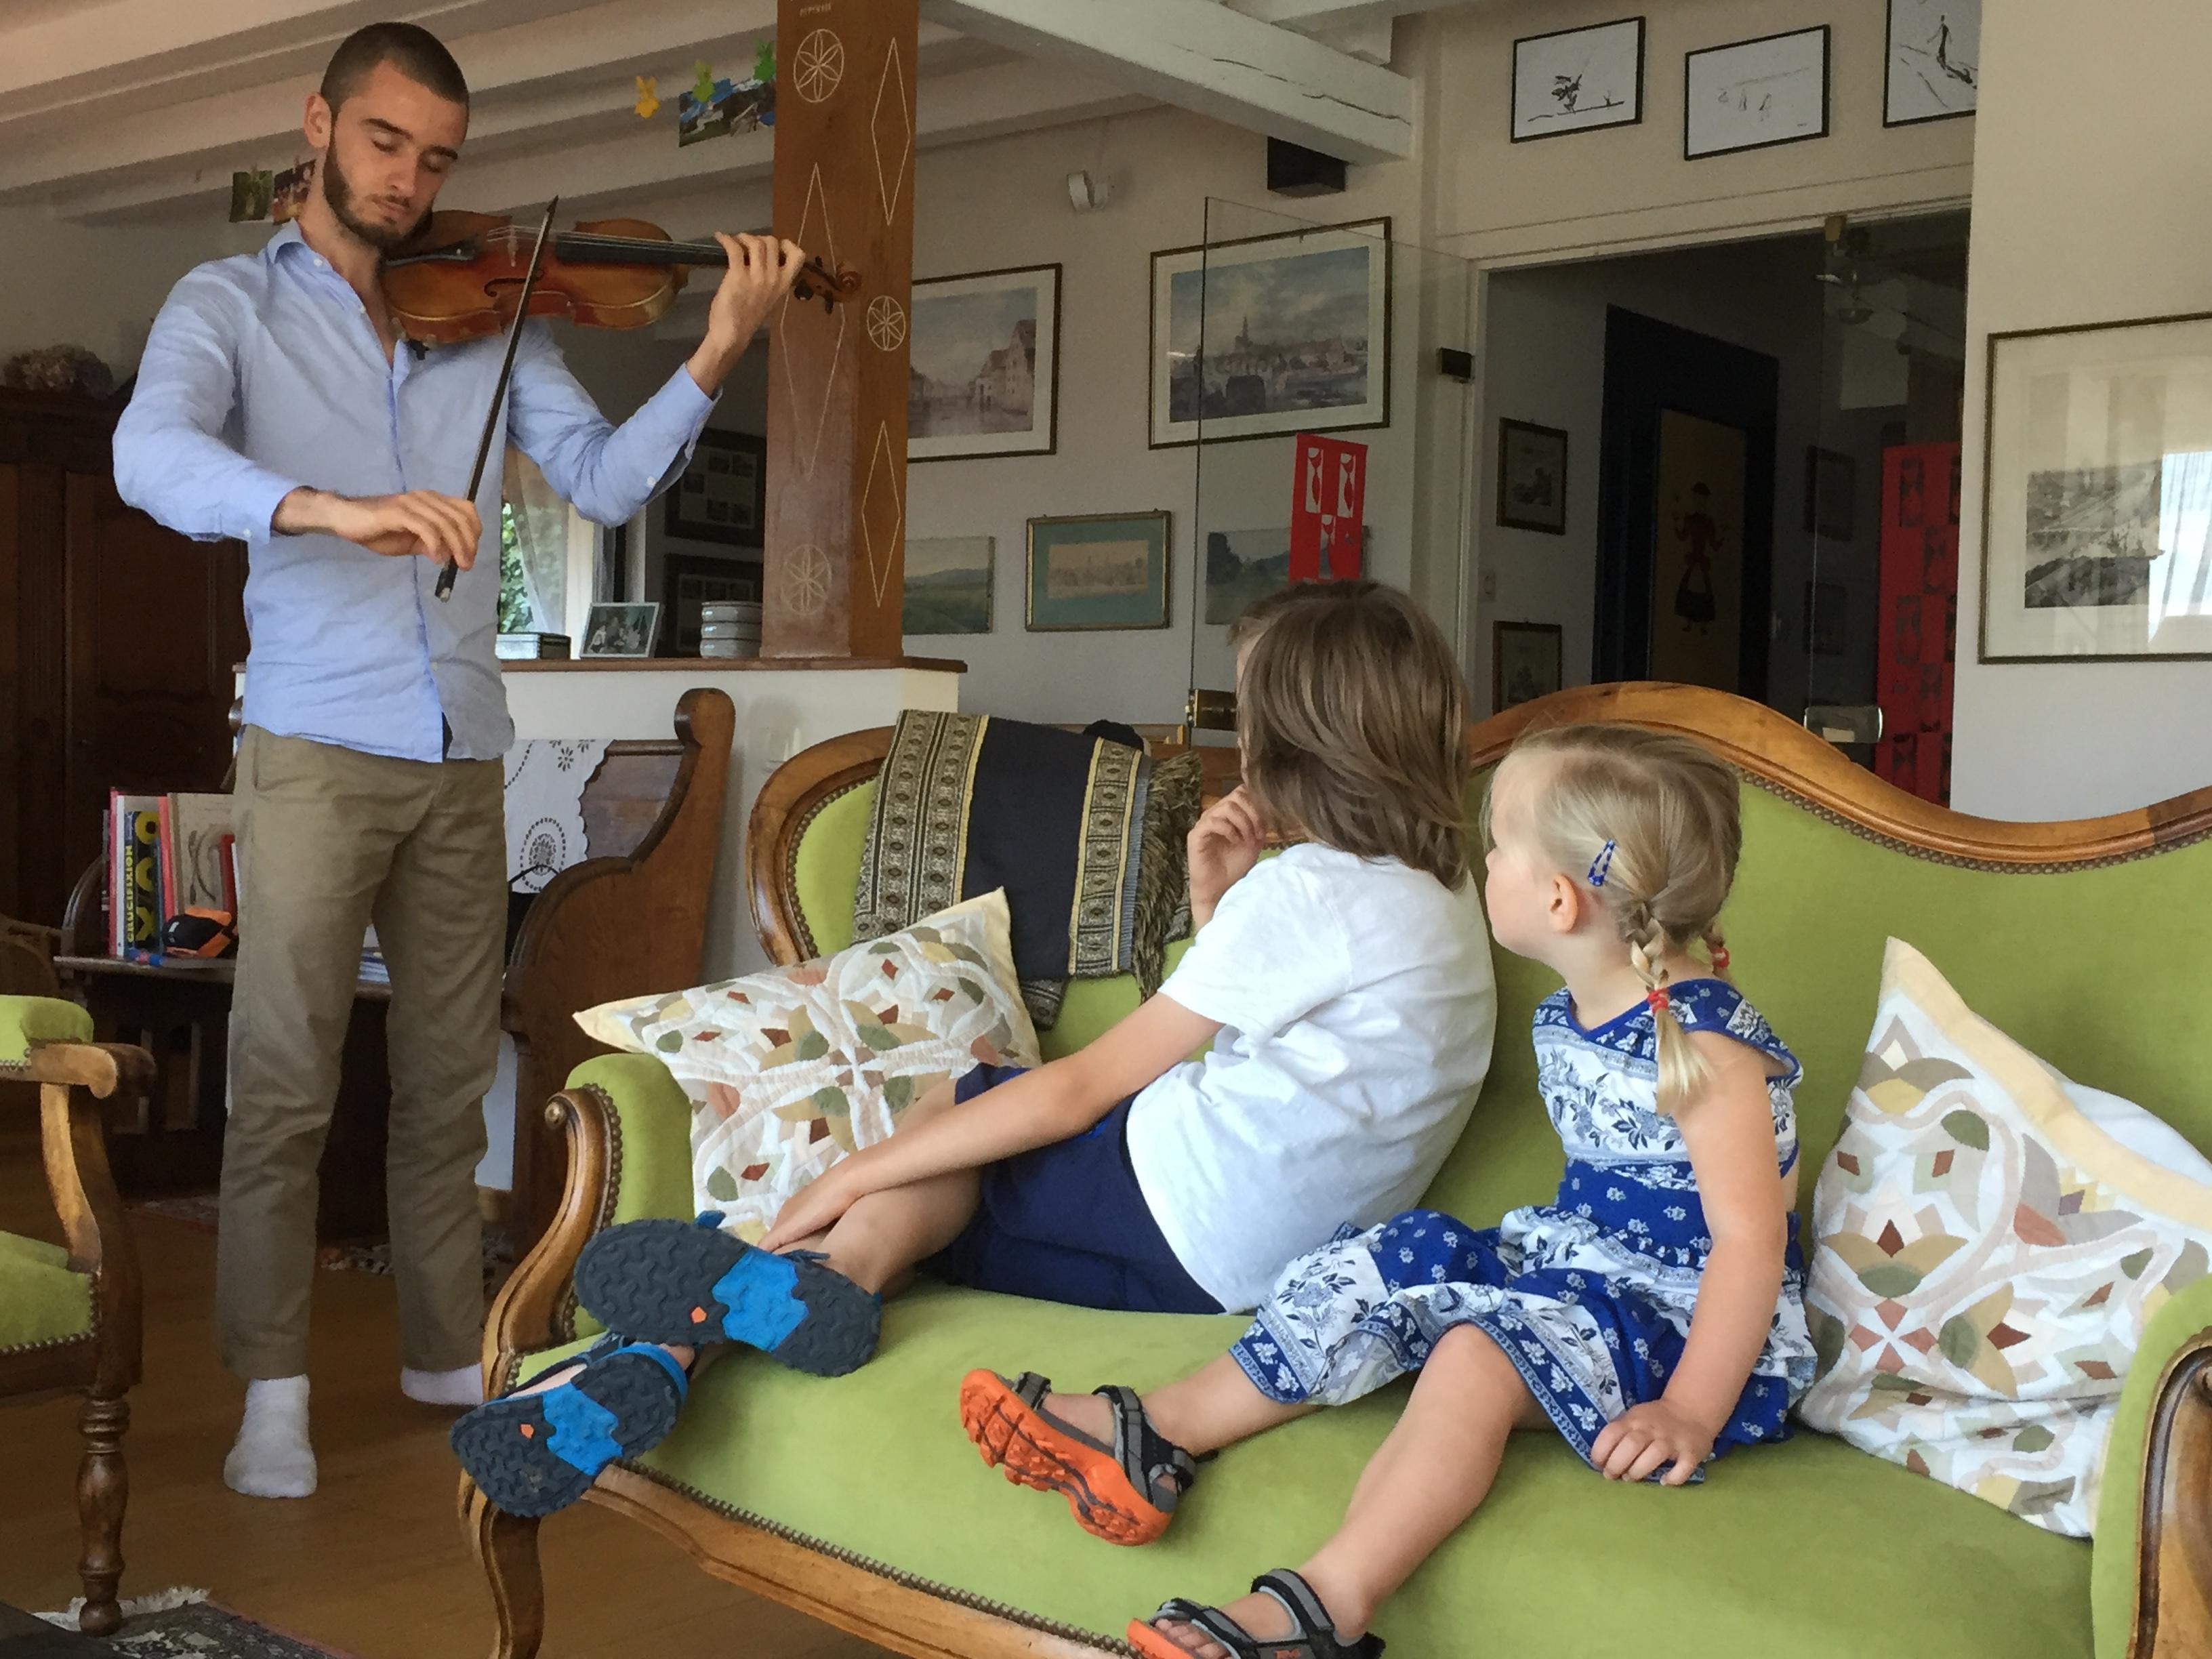 Deux des petits-enfants de Marie-Suzanne Weick-Voelckel, fascinés, écoutent Elie jouer le violon de leur arrière-grand-père